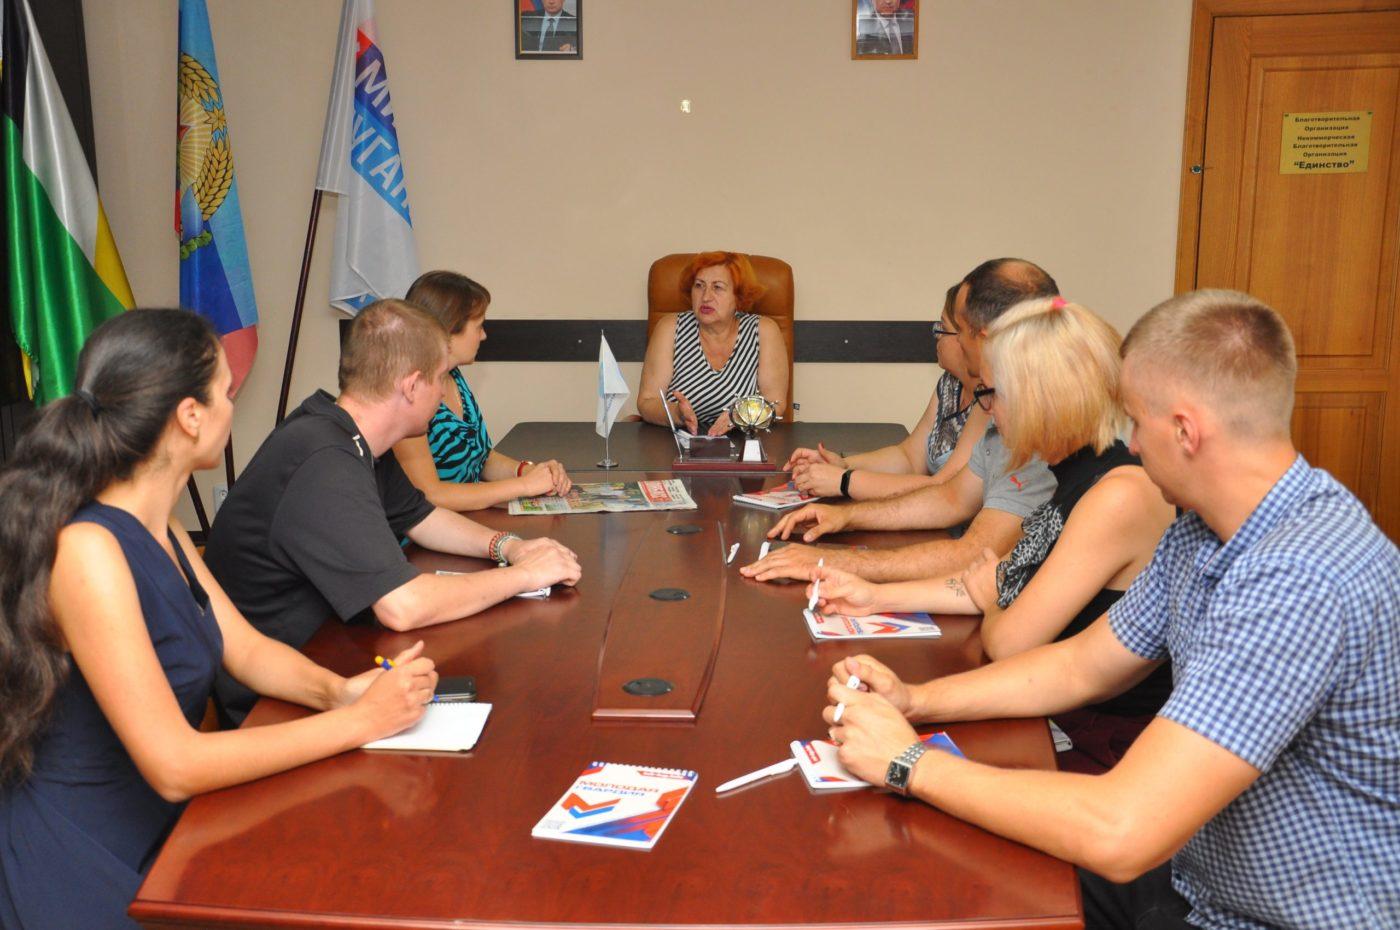 В Свердловске прошёл круглый стол, посвященный Всемирному дню гуманитарной помощи